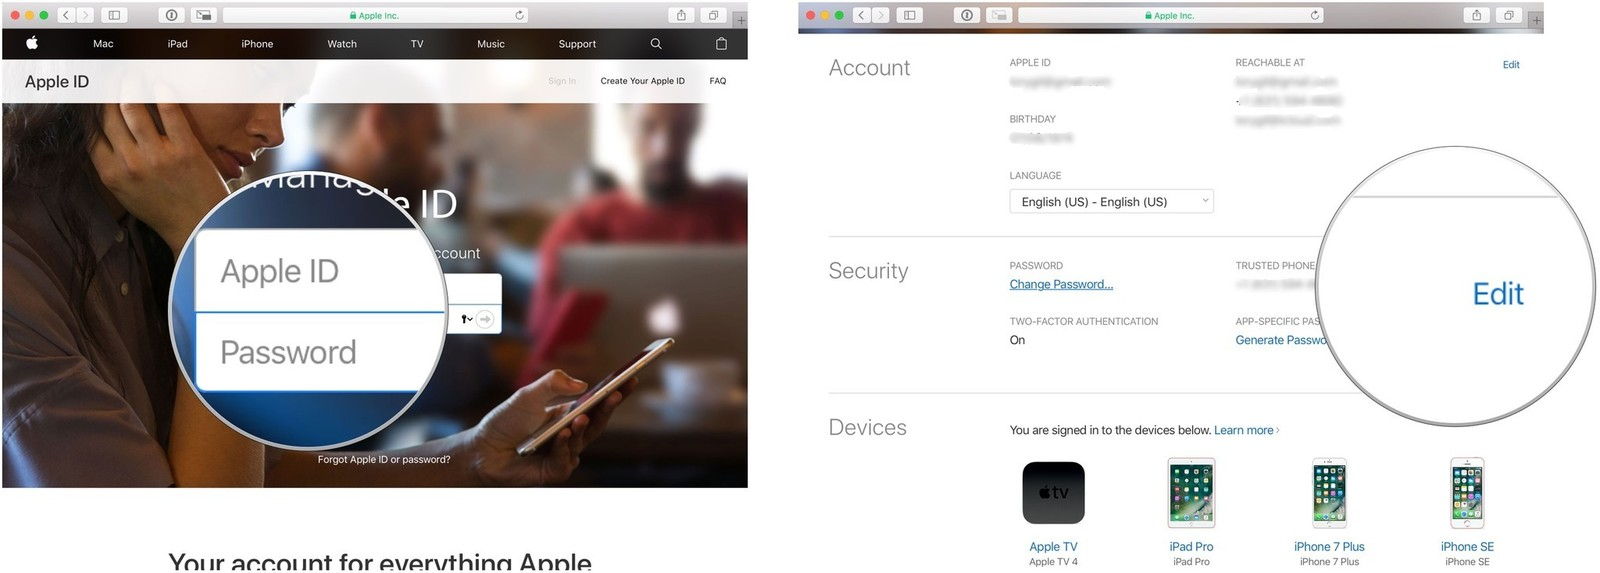 view-app-specific-password-02.jpg